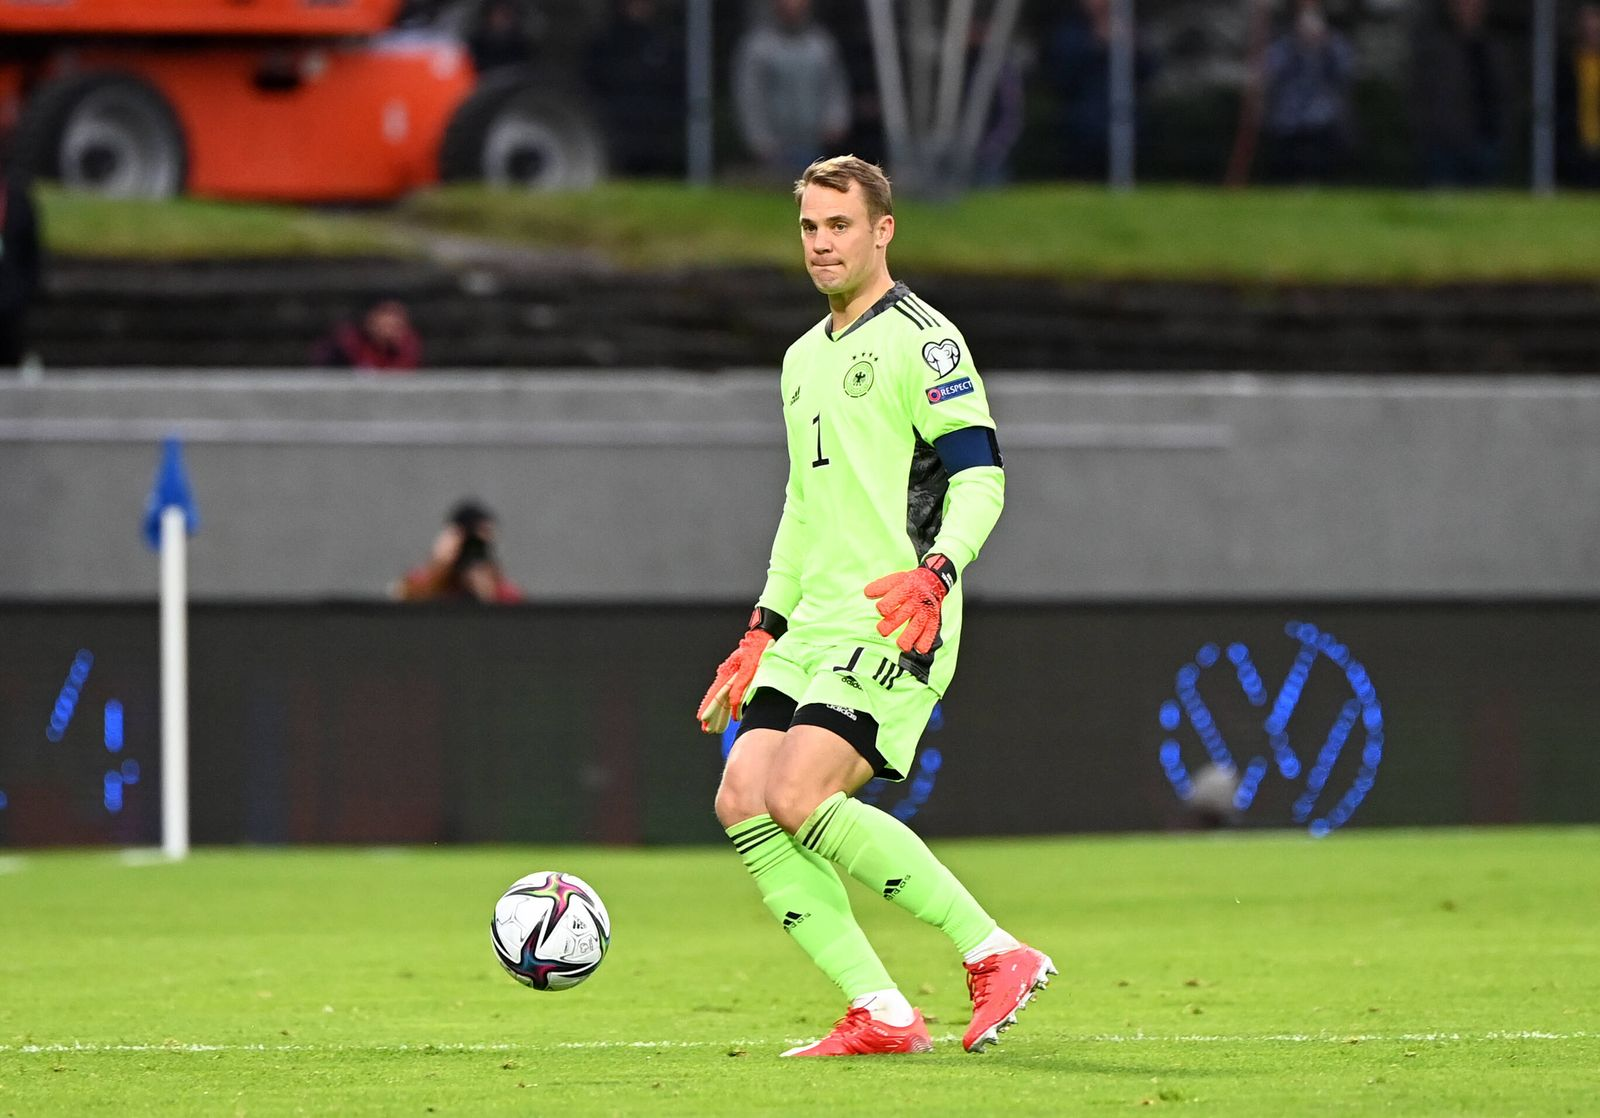 Fussball, Herren, Saison 2020/21, WM-Qualifikation (Gruppe J, 6. Spieltag) in Reykjavik, Island - Deutschland, Torhüter